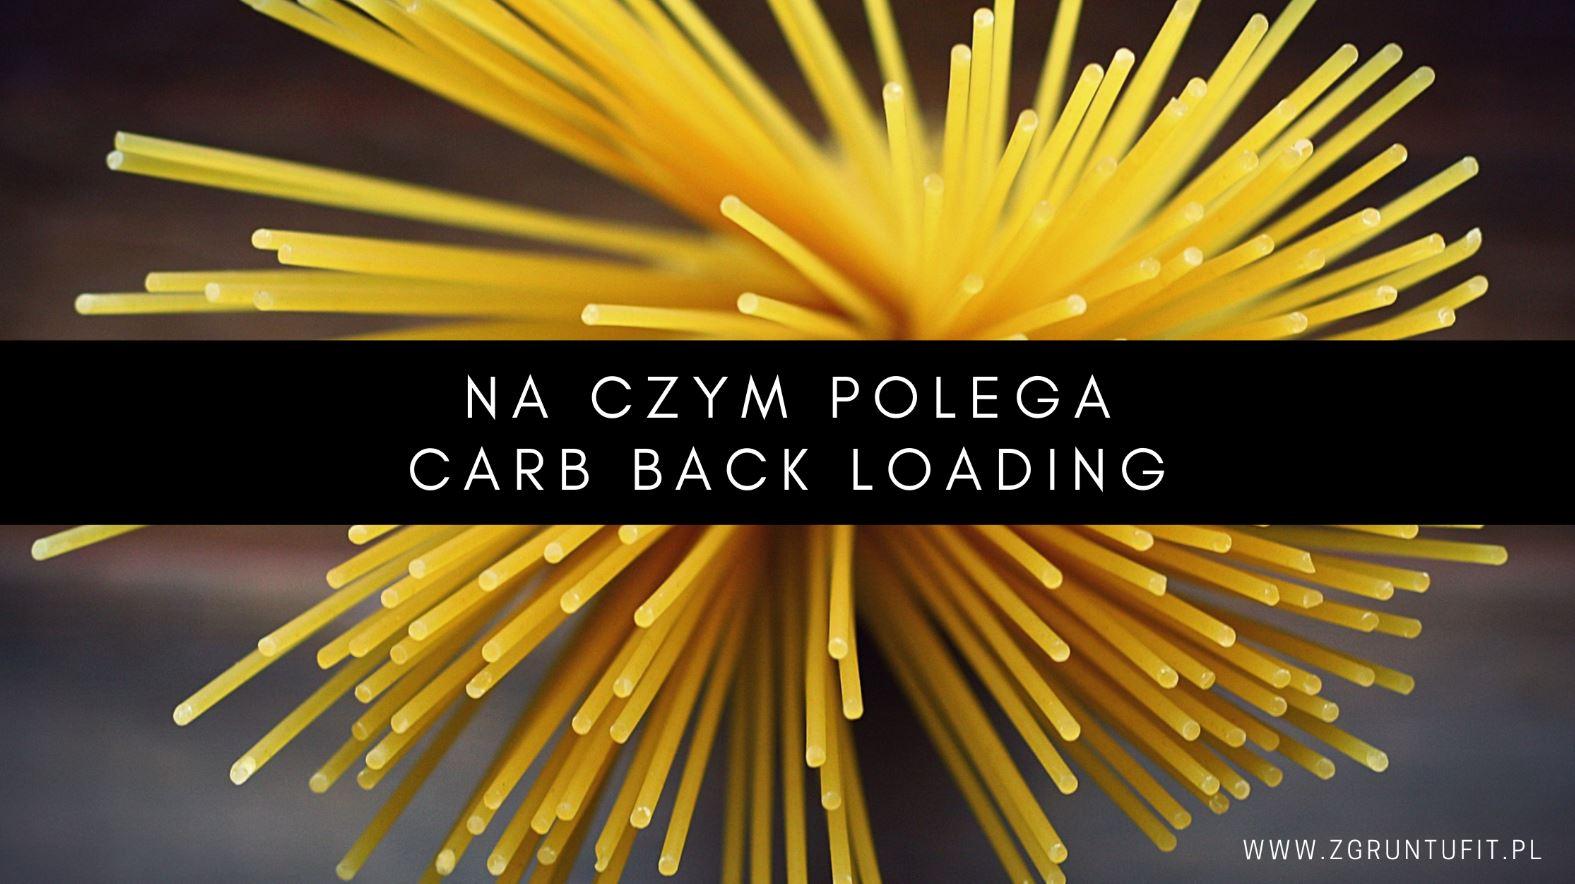 Na Czym Polega Carb Back Loading?